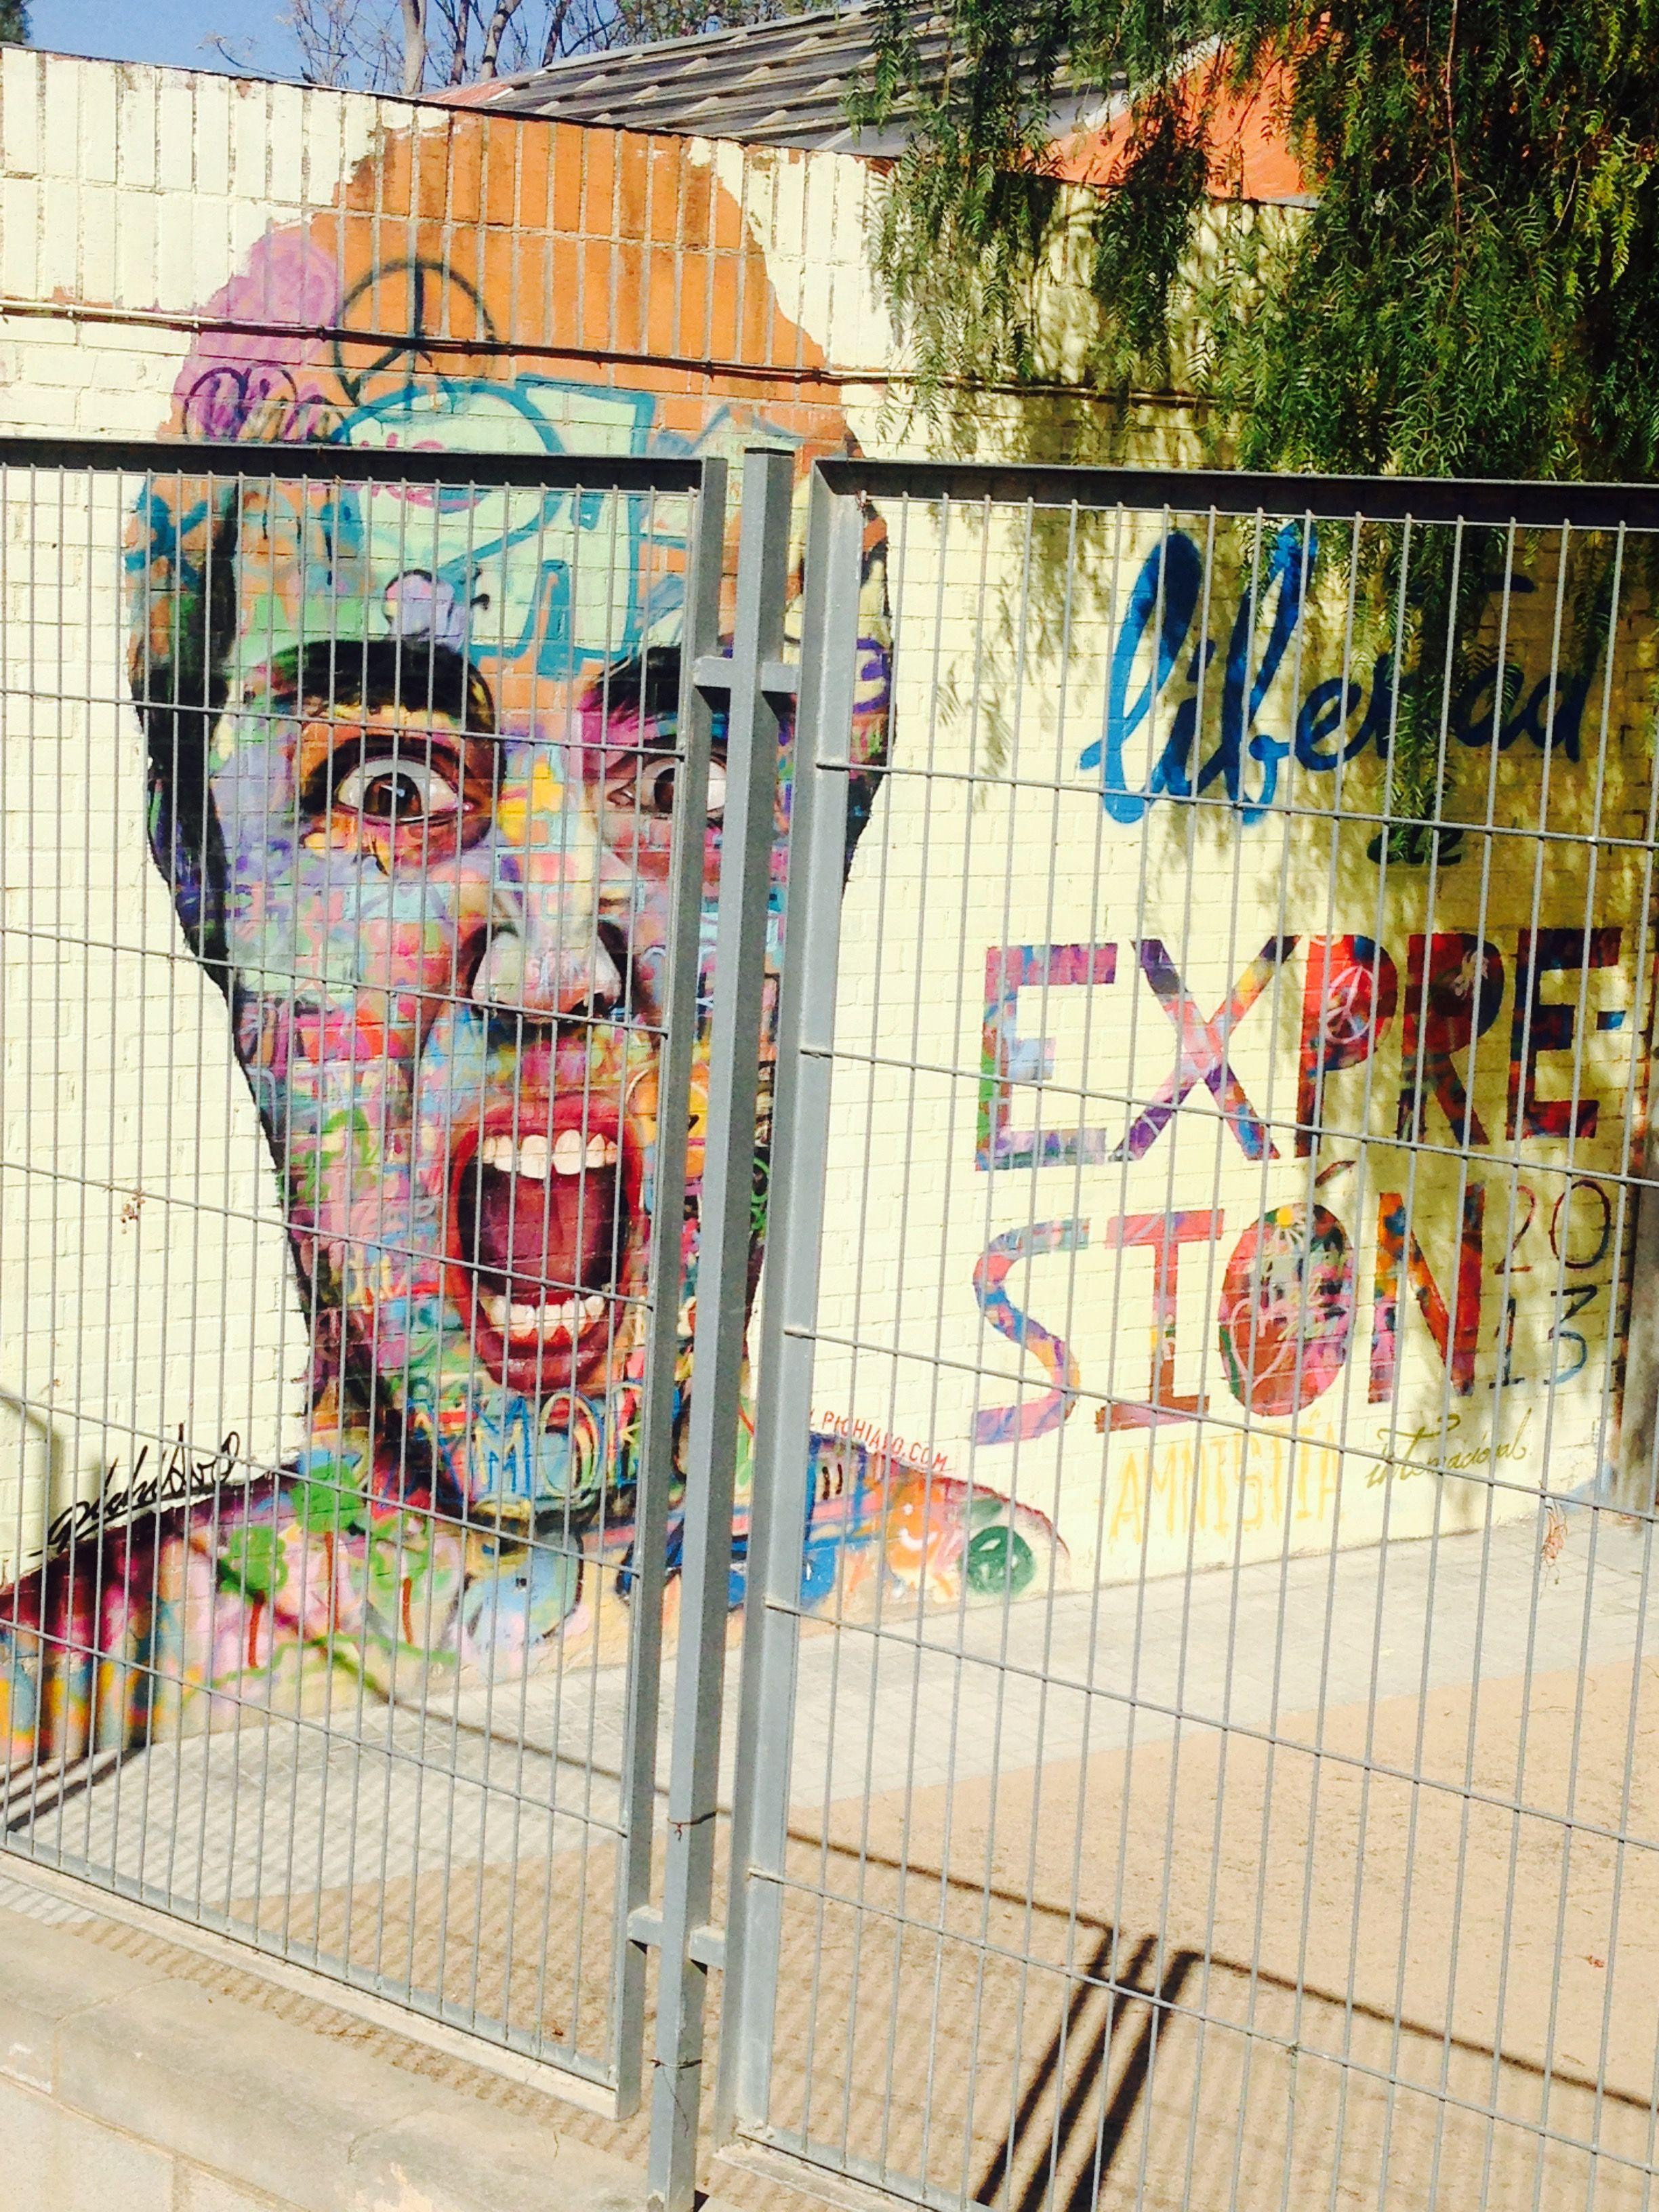 Libertad de expresión. Manises spain